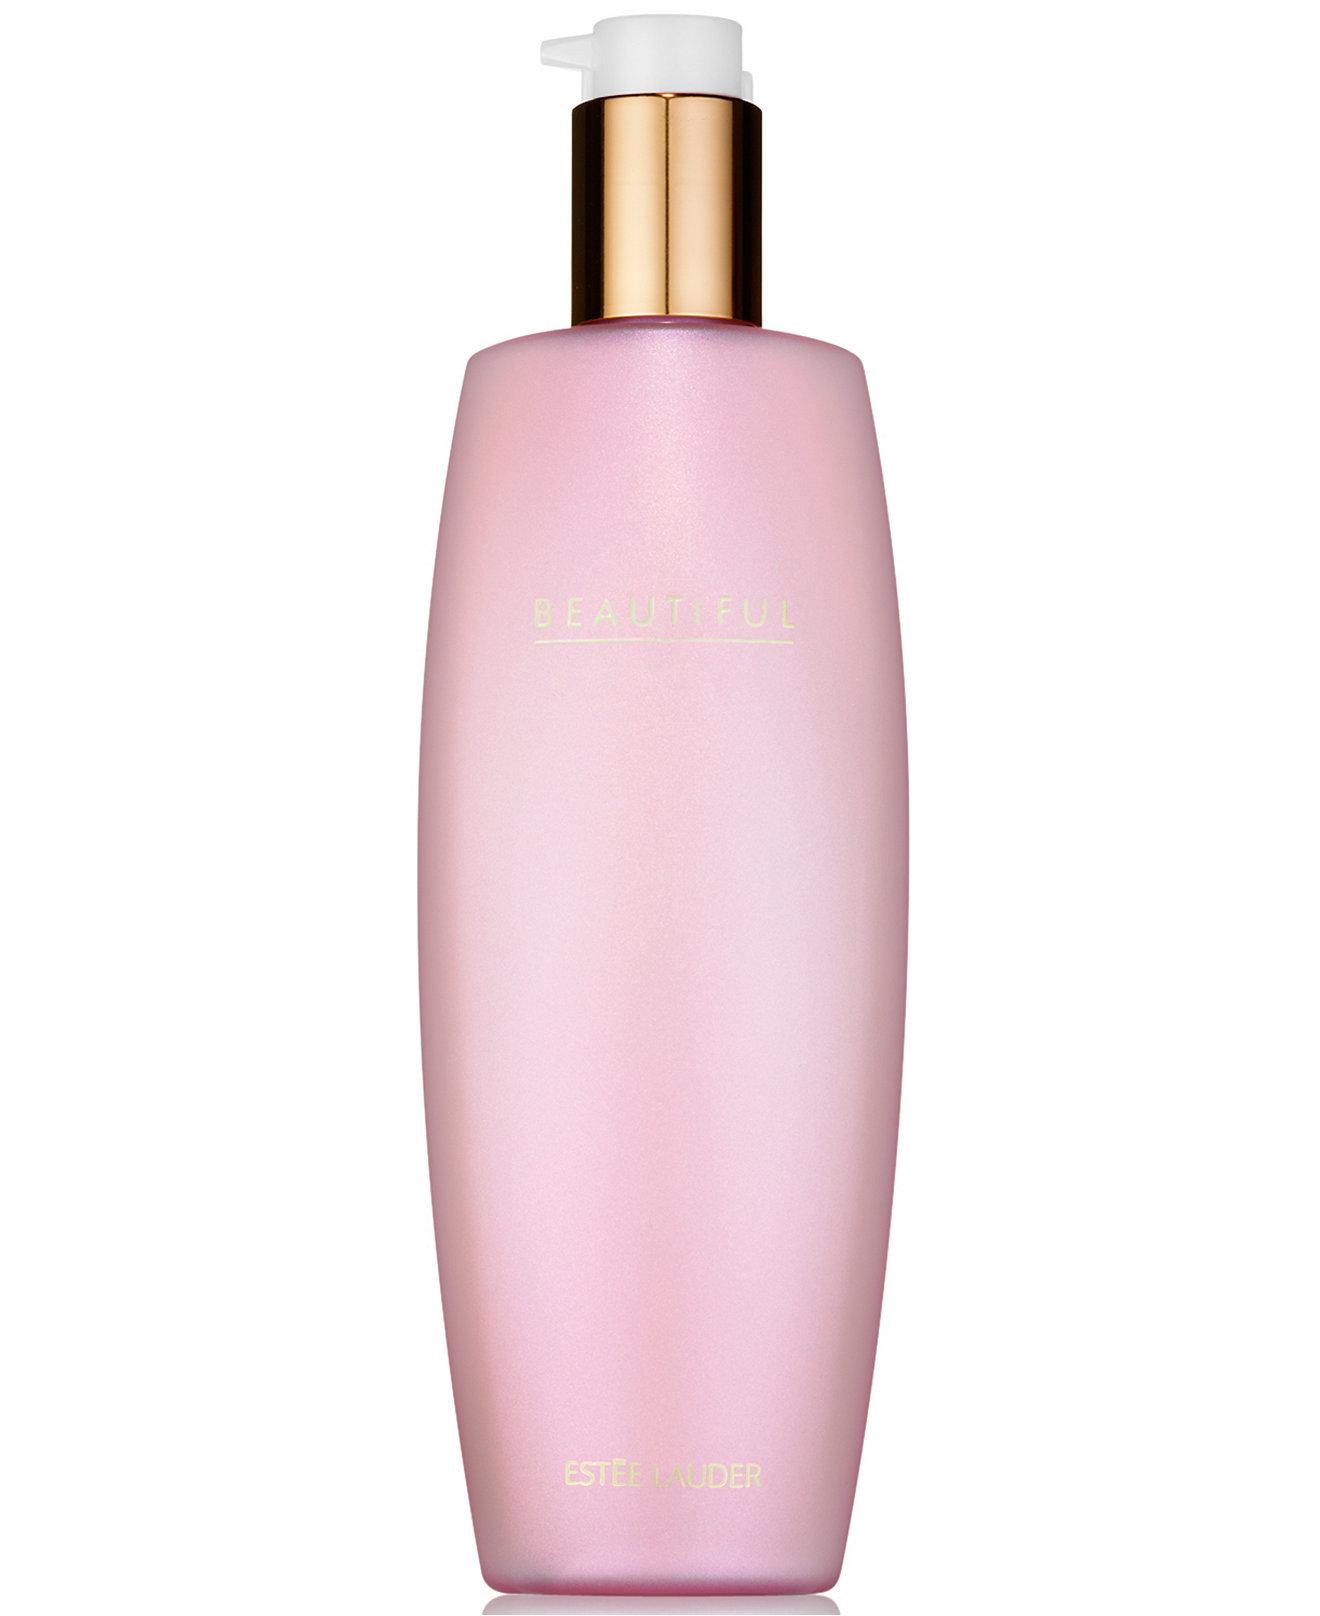 Estée Lauder Beautiful Bodylotion, 250 ml